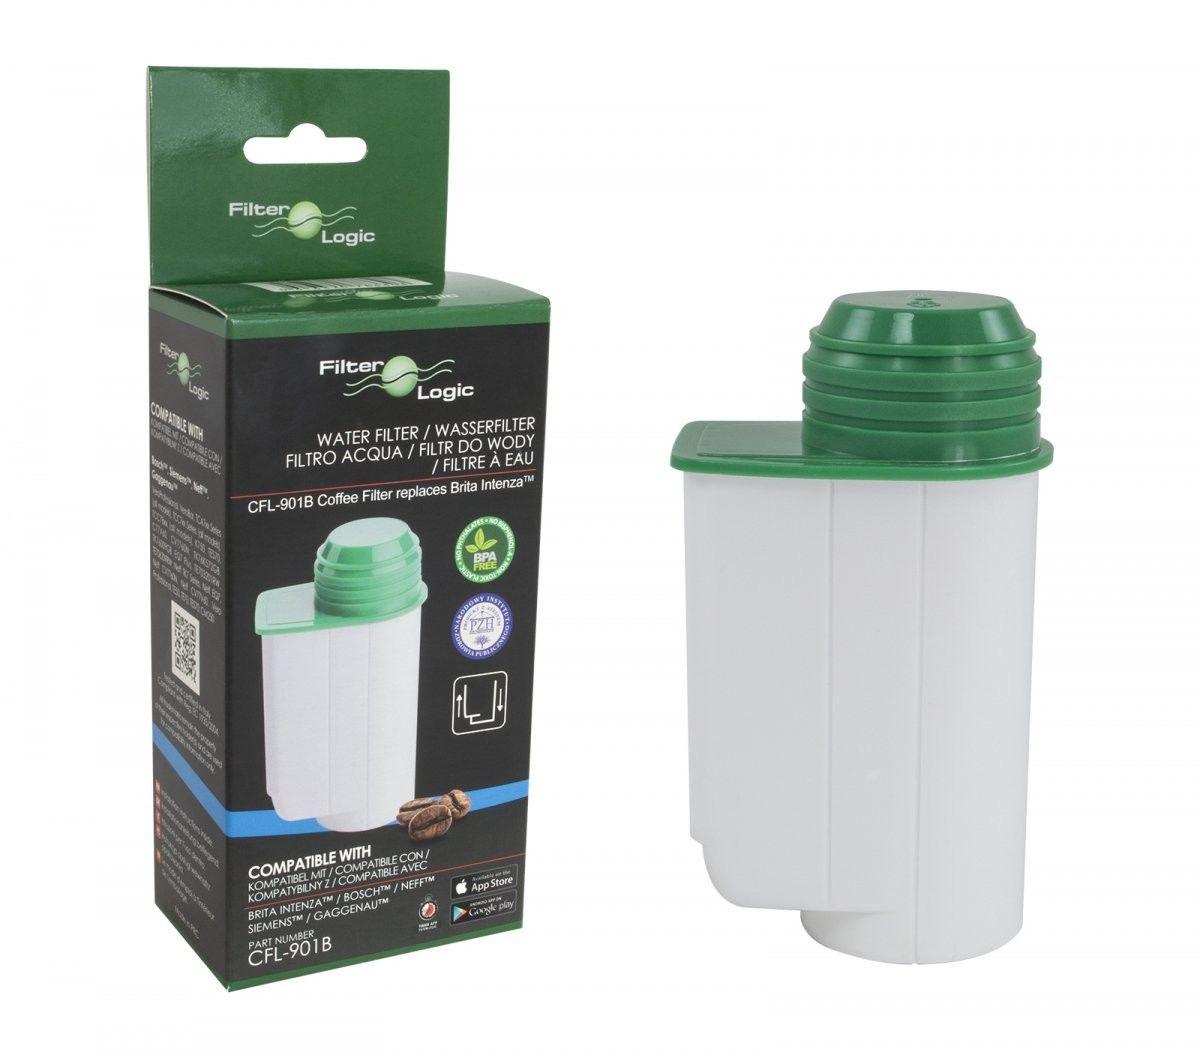 Filtr wody Brita Intenza+ CA6702 ekspresu do kawy, ekspresu kapsułkowego, ekspresu kolbowego 5szt FilterLogic